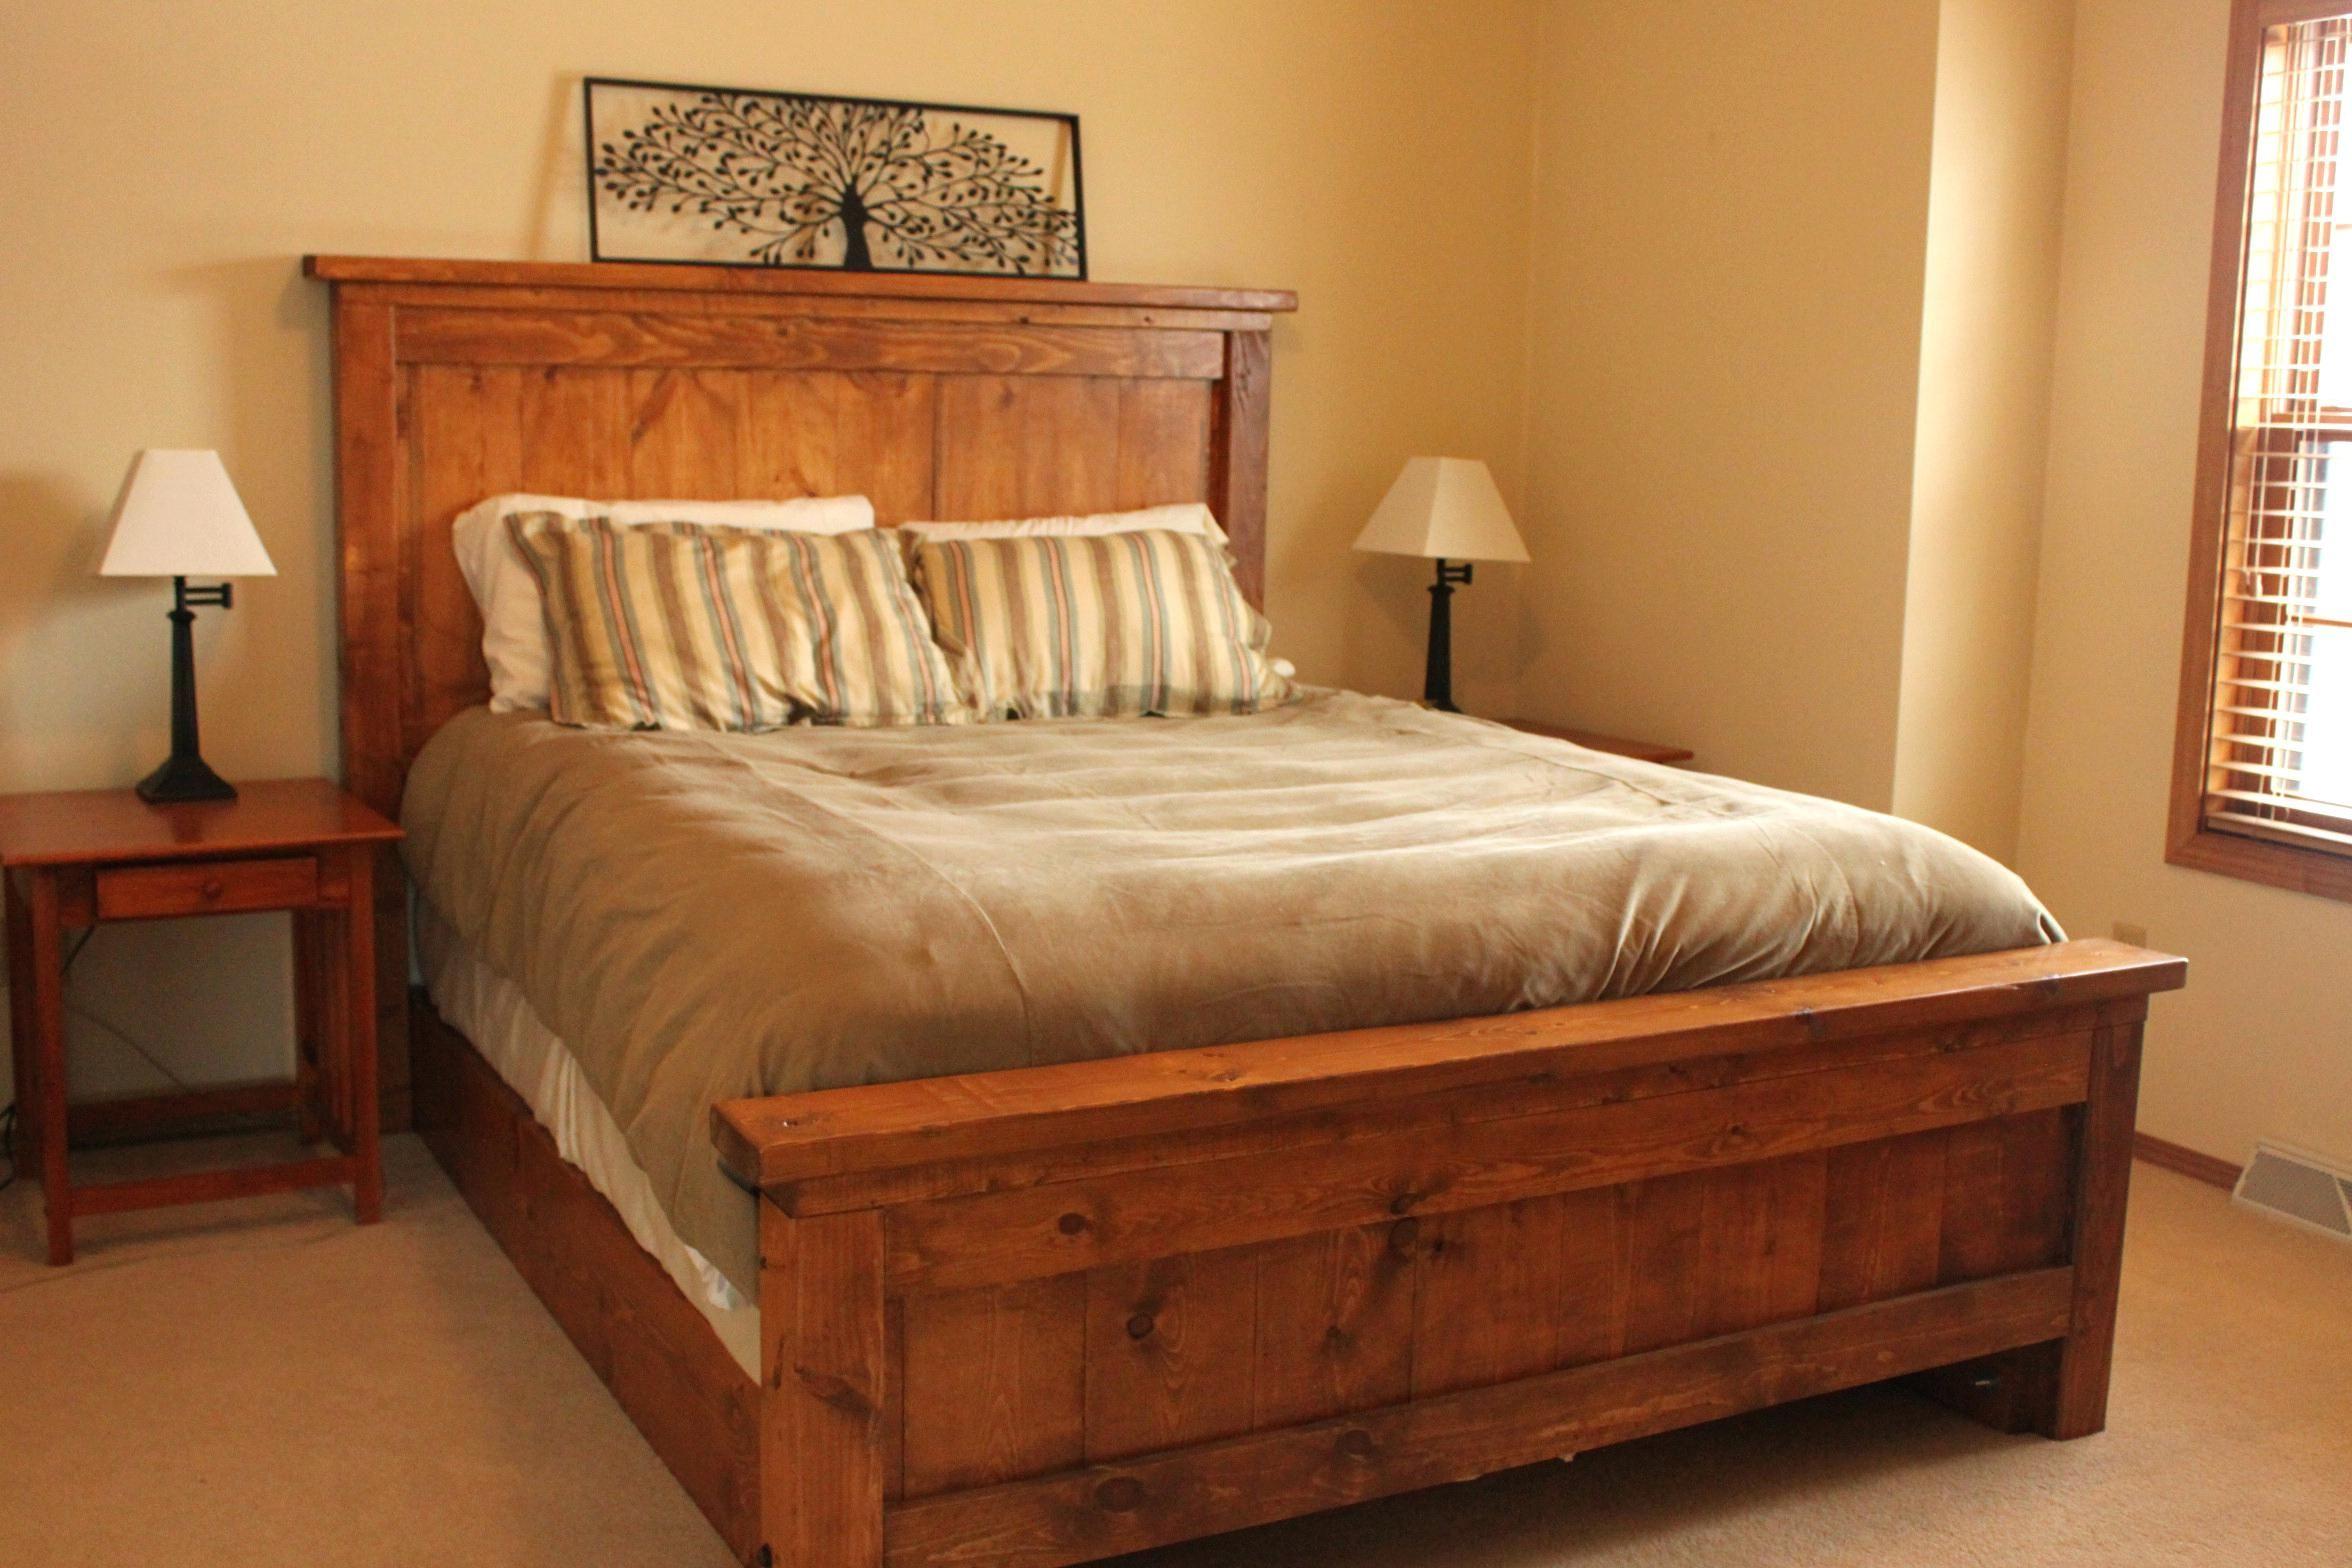 Holz Plattform Bett Rahmen Queen Bauernhaus Bett